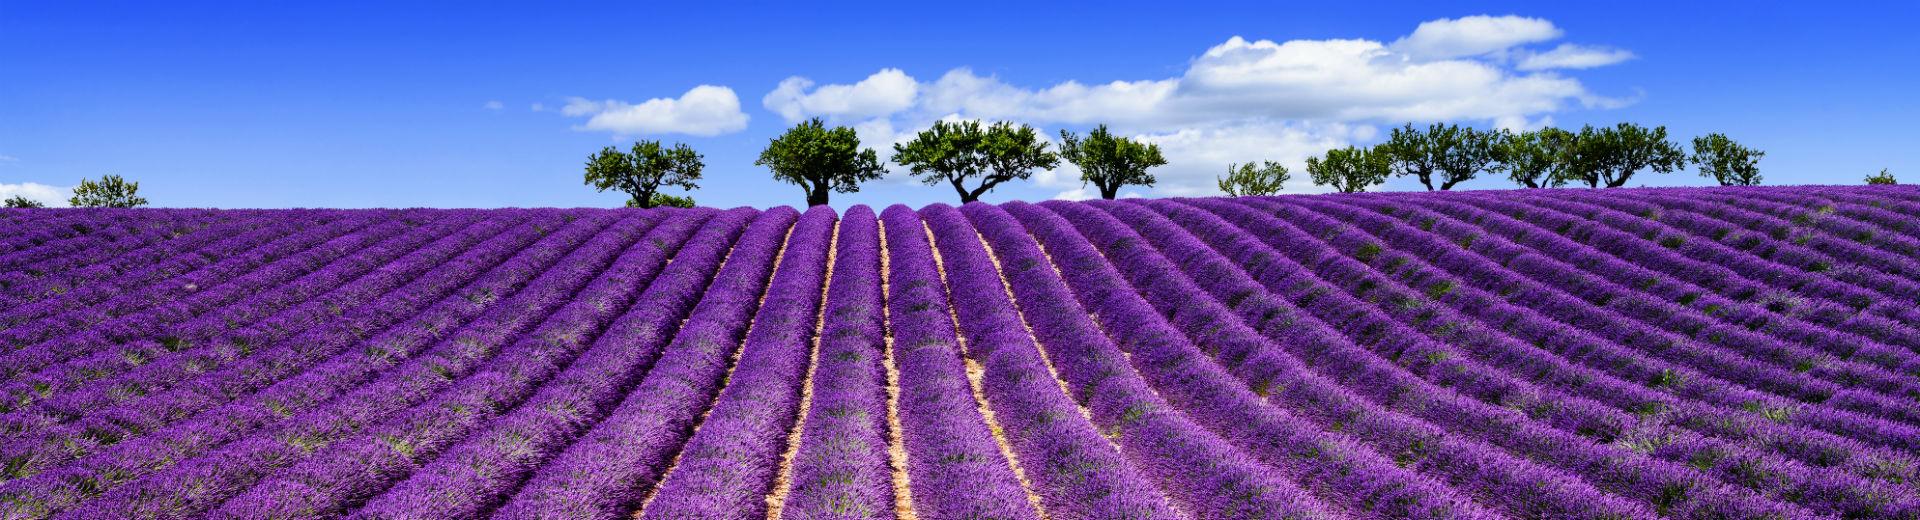 Kurztrip in die Provence – In das Land des Lavendels